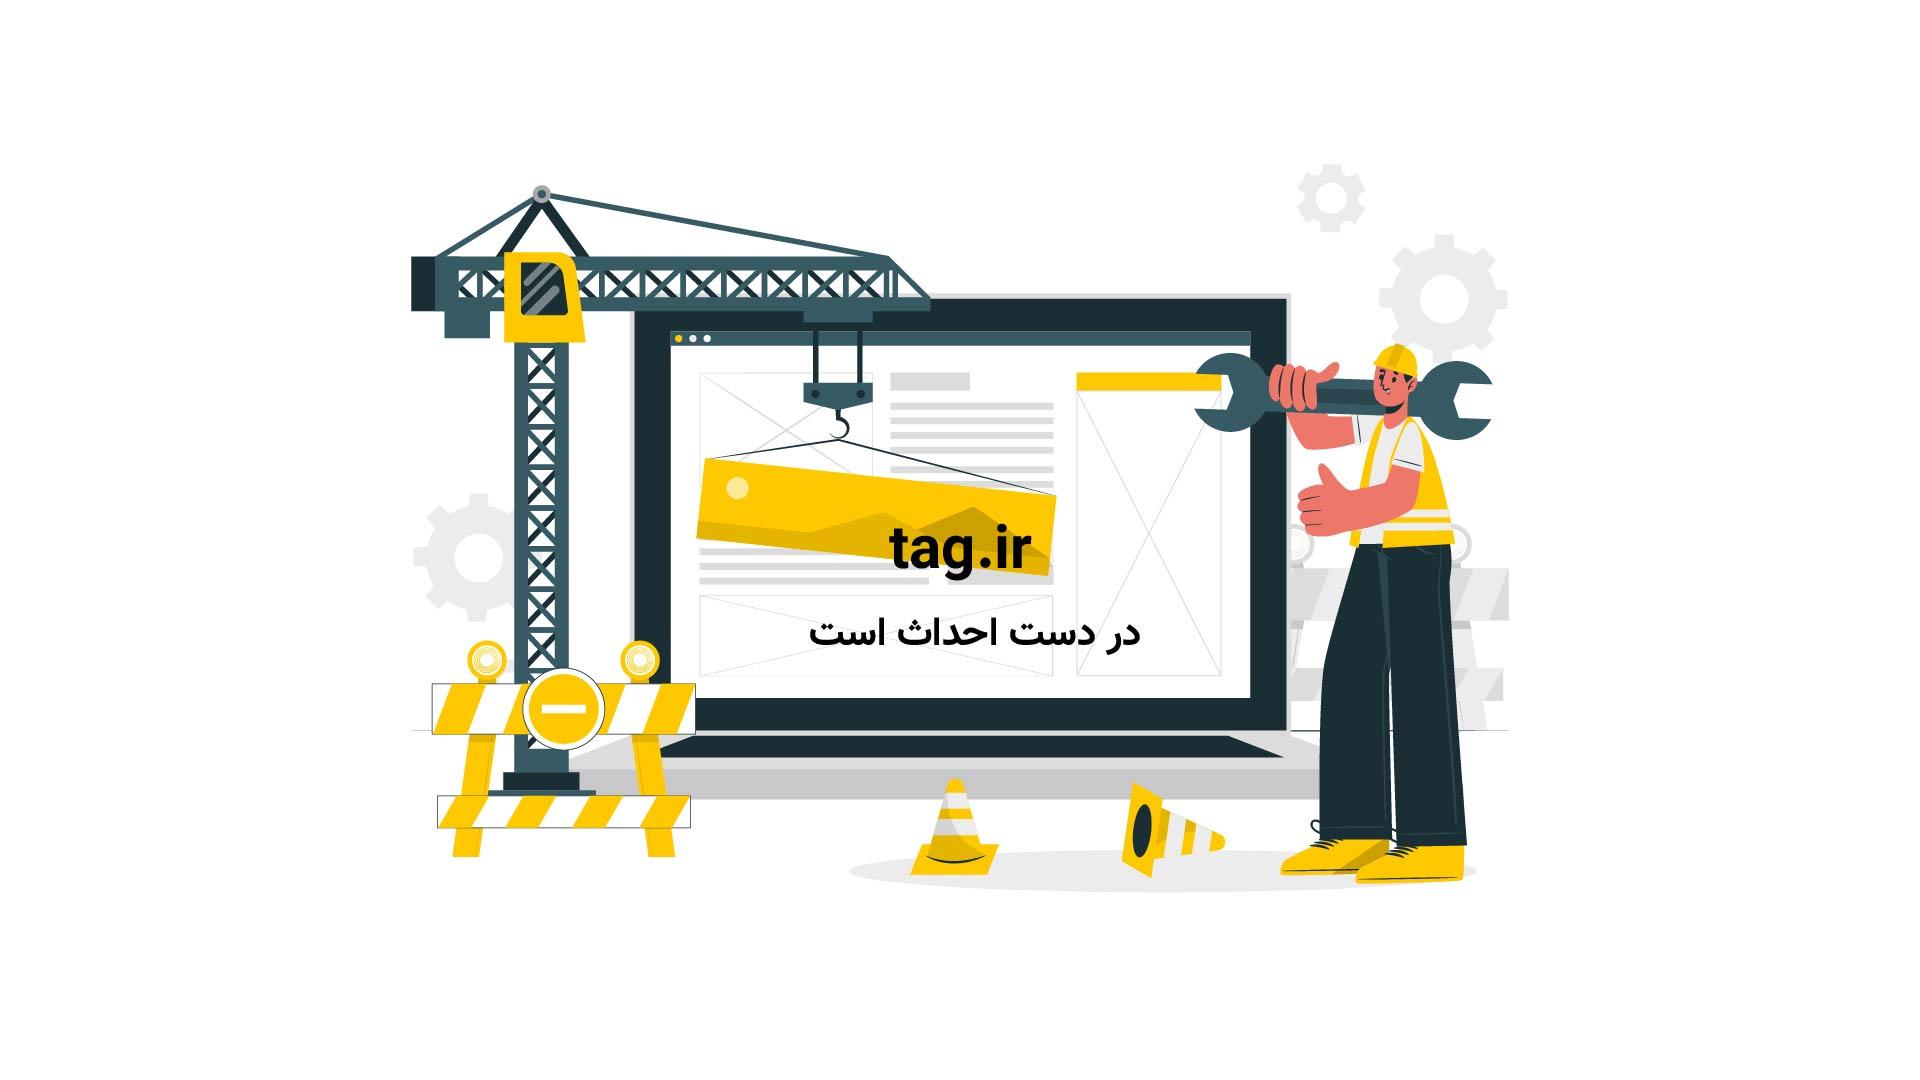 فیلم خلاصه بازی سیاه جامگان 1 - 1 فولادخوزستان